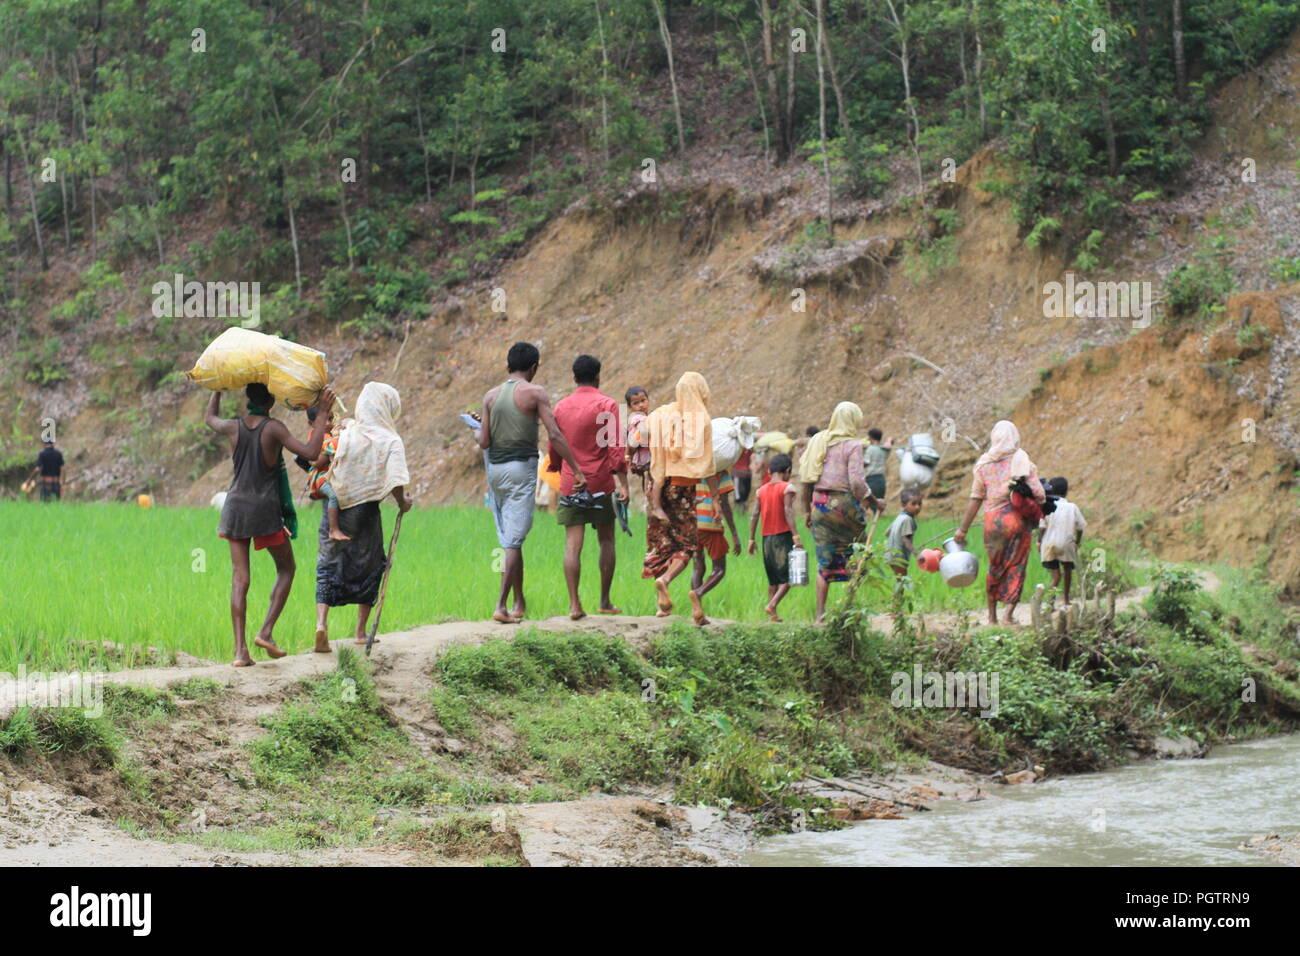 Bangladesh: les réfugiés Rohingya fuyant à pied vers l'entrée du camp de réfugiés après le territoire du Bangladesh pour se mettre à l'abri que le Myanmar opération militaire contre les musulmans rohingyas dans l'État de Rakhine au Myanmar, le 5 septembre 2017. Le monde plus grand camp de réfugiés au Bangladesh où plus d'un million de personnes vivent dans des Rohingyas et bambou et feuille de bâche. Plus d'un demi-million de réfugiés Rohingyas de l'État de Rakhine au Myanmar, ont fui au Bangladesh depuis août 25, 2017 D'après l'ONU. © Asad Rehman/Alamy Stock Photo Banque D'Images